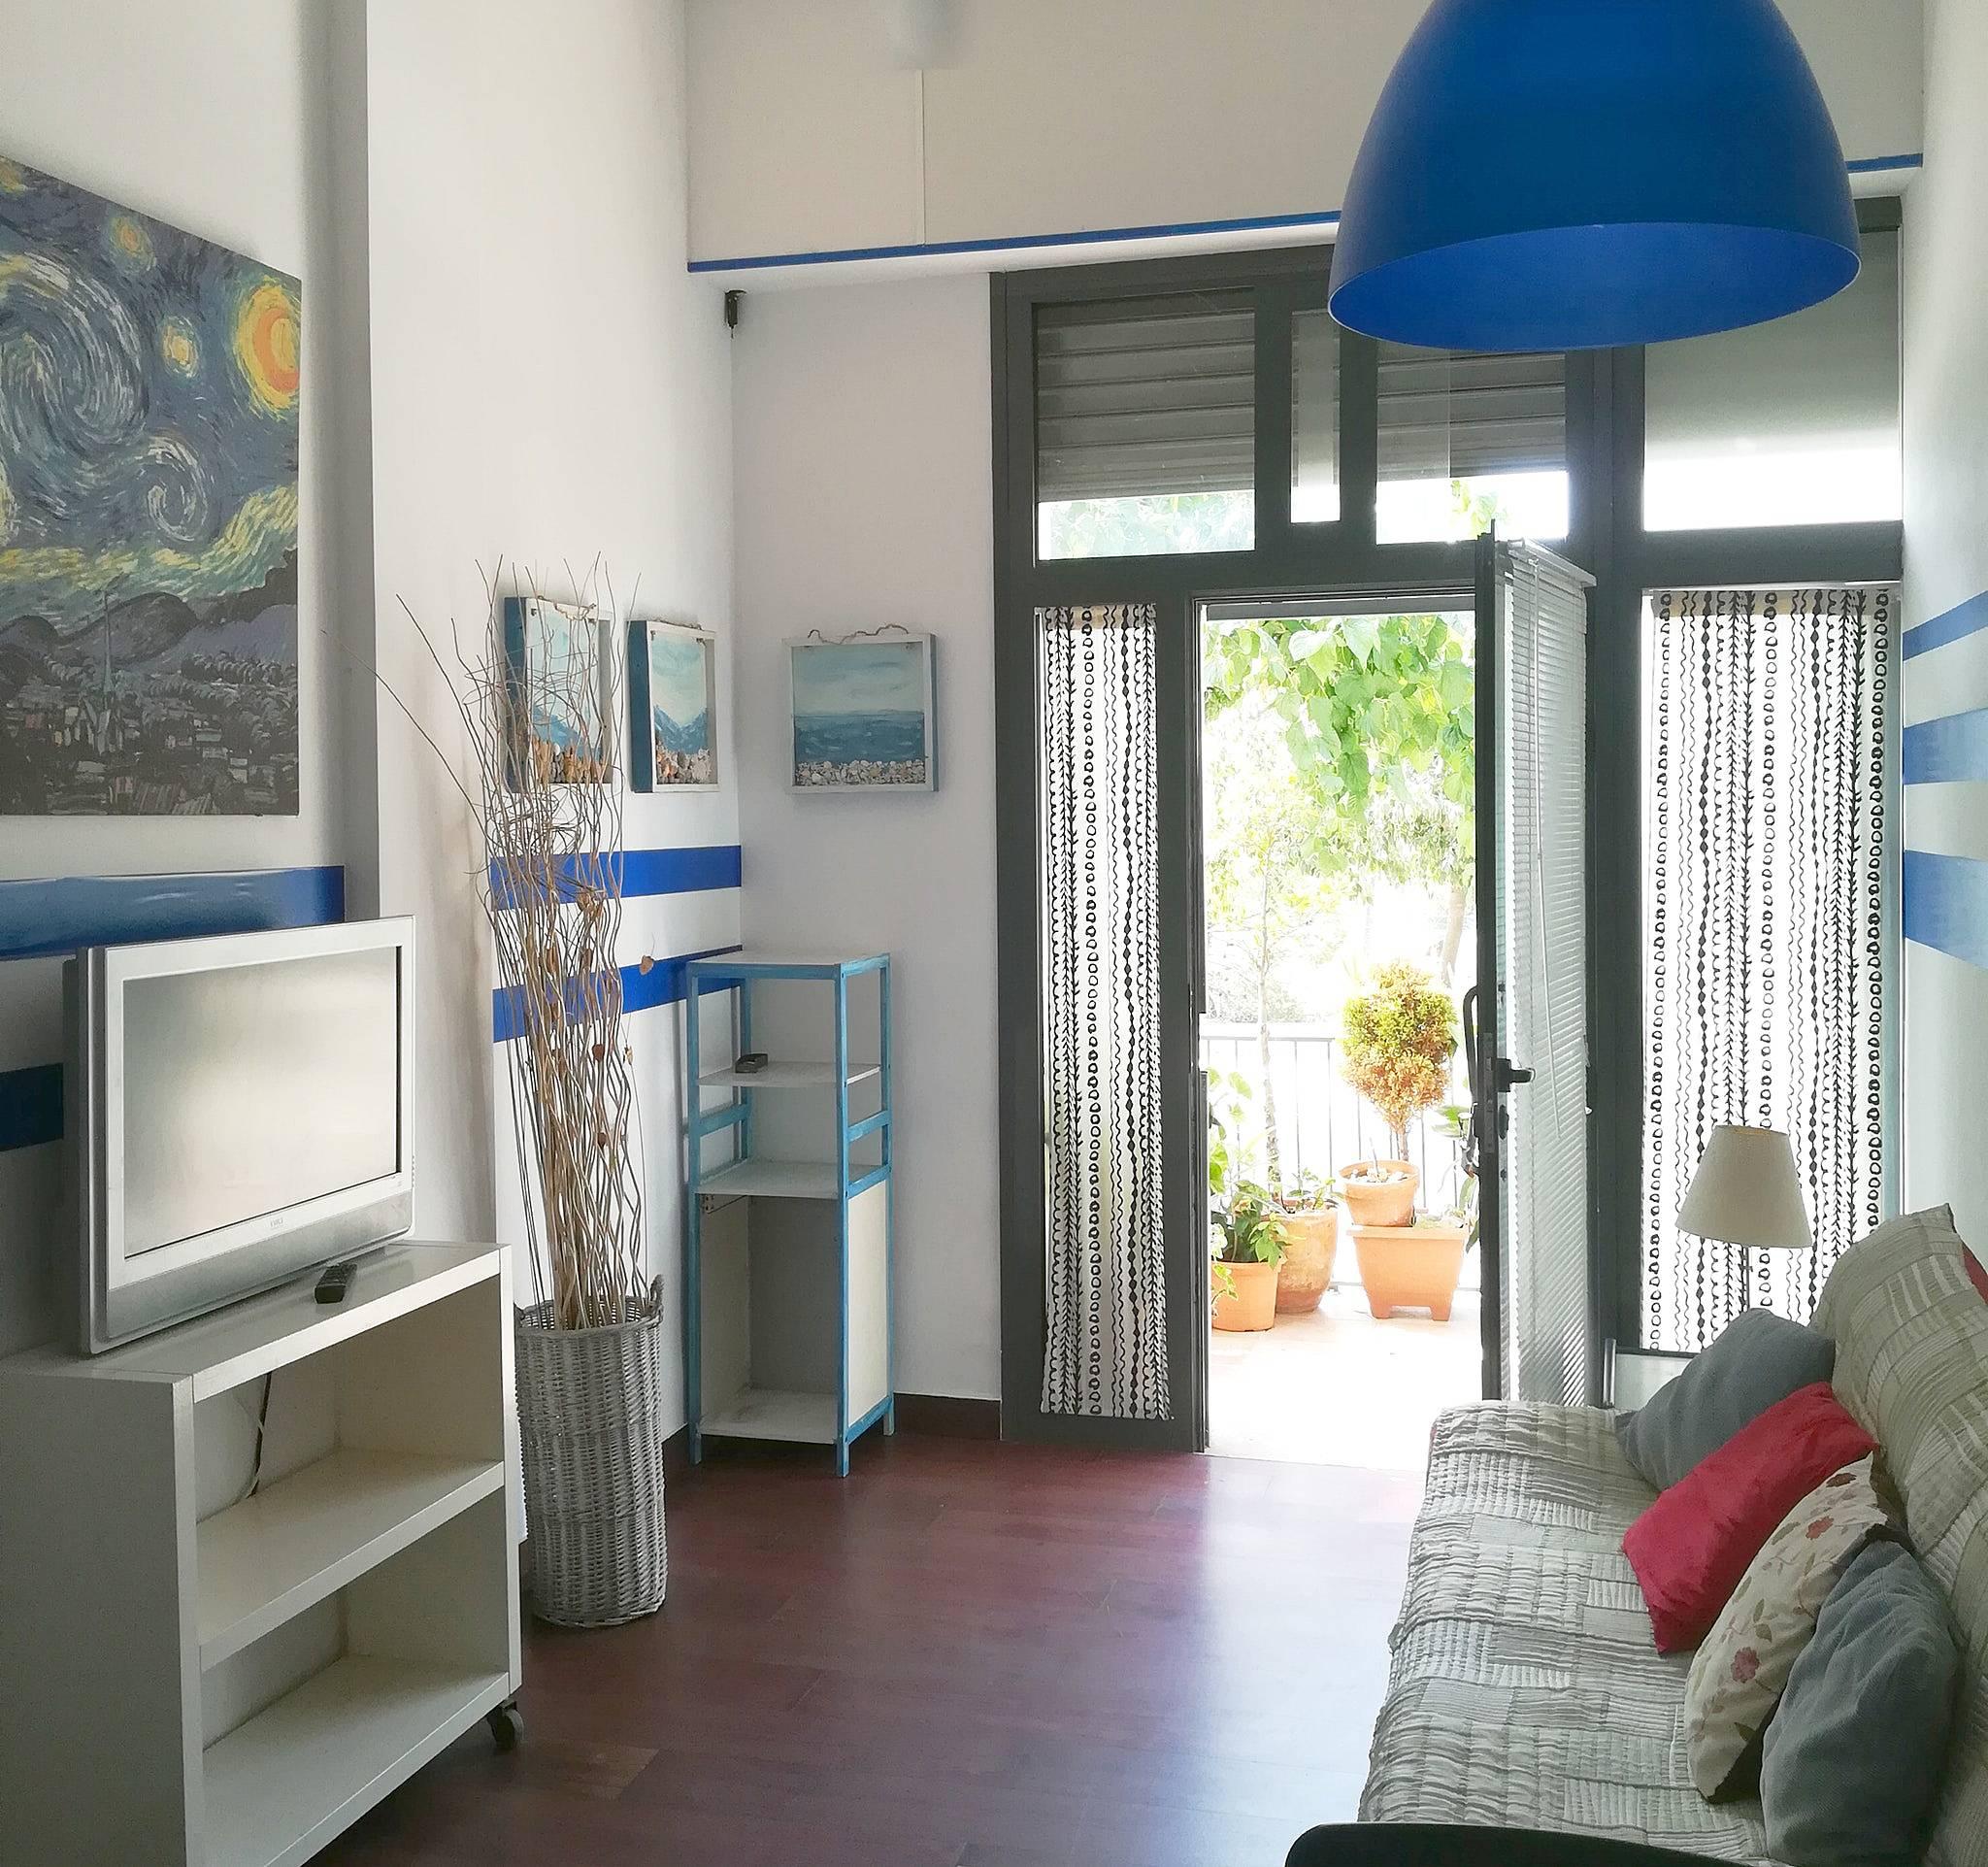 Alquiler vacaciones apartamentos y casas rurales en vacarisses barcelona - Alquiler casas rurales barcelona ...